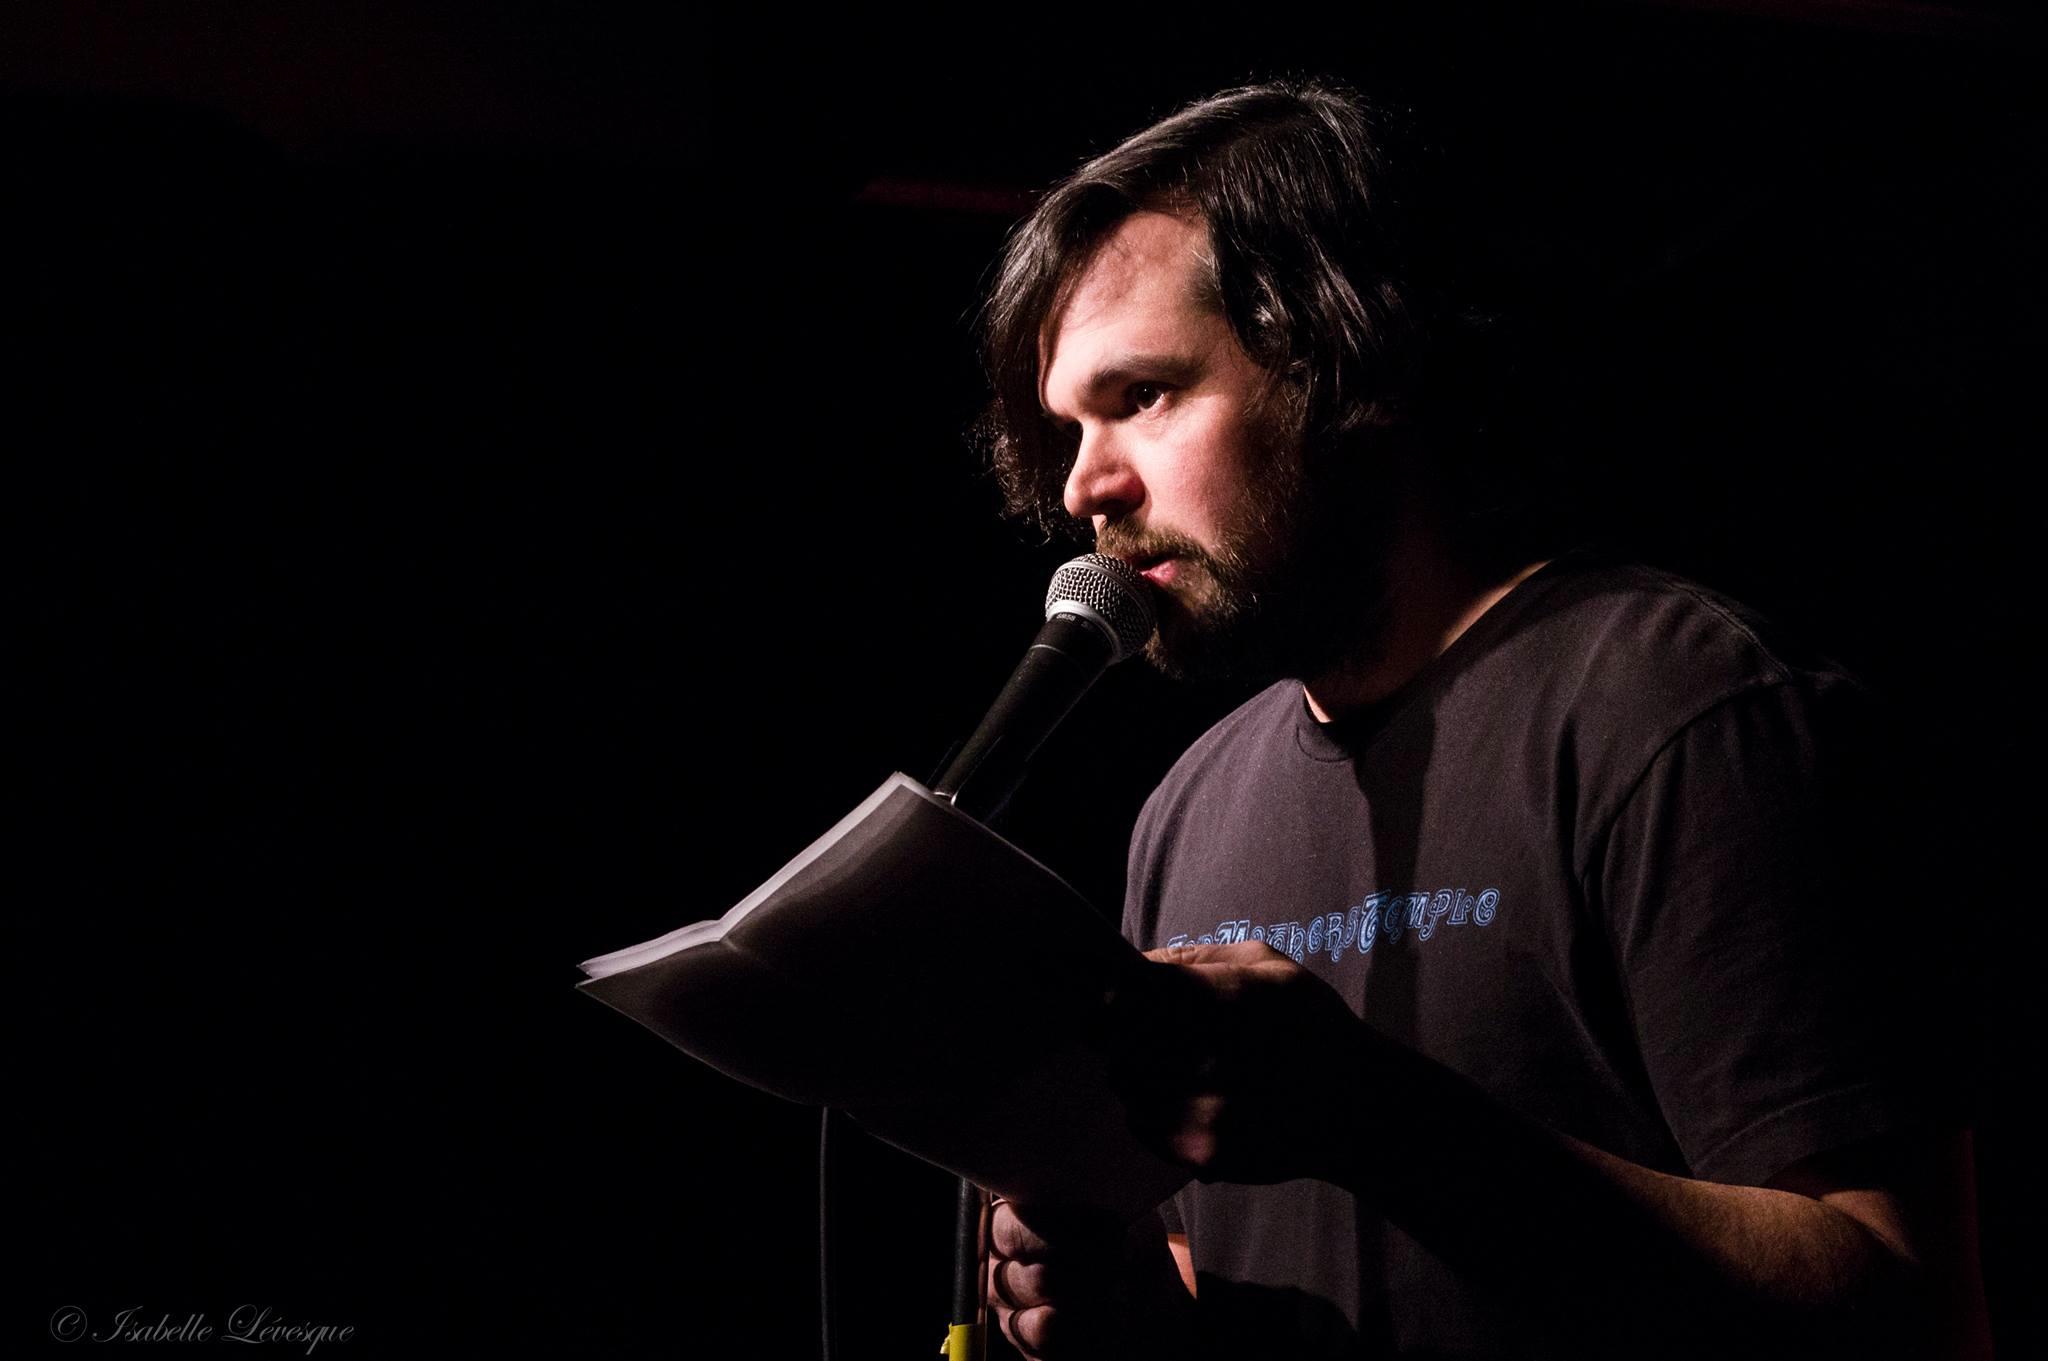 Atelier - Performer un poème sur scène : écrire le mouvement